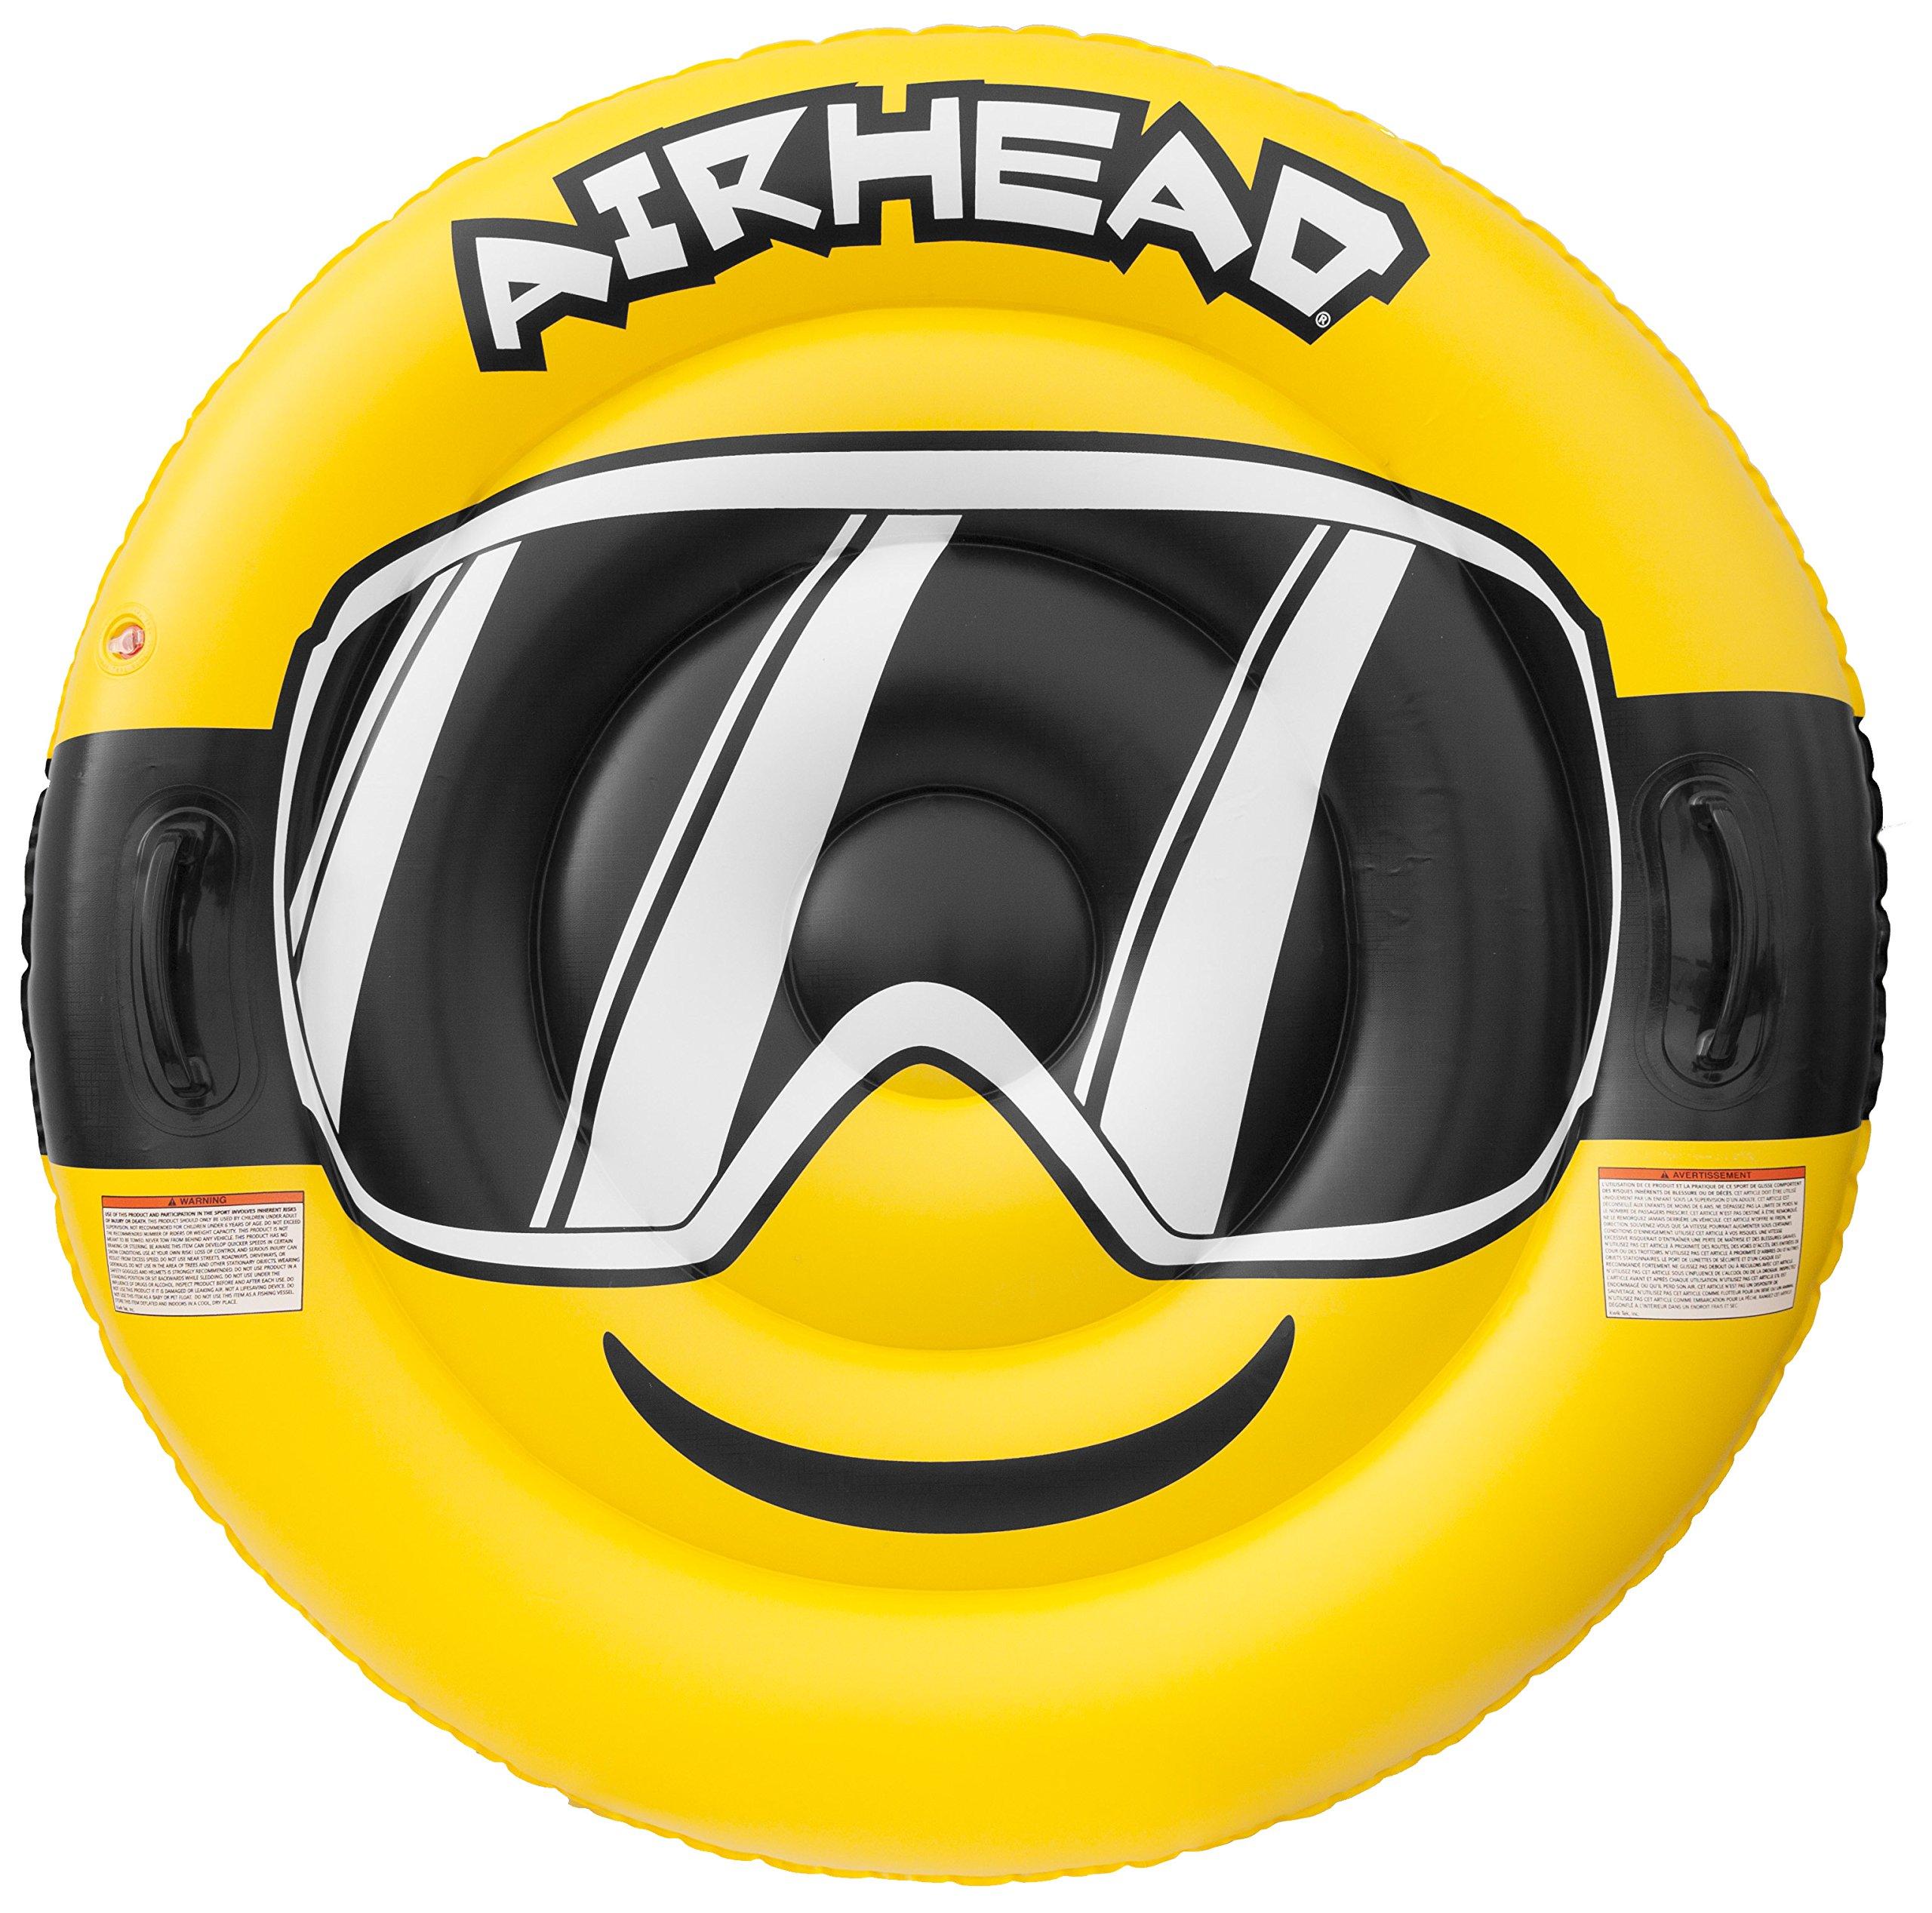 Airhead EMOJI GOGGLES Snow Tube by Airhead